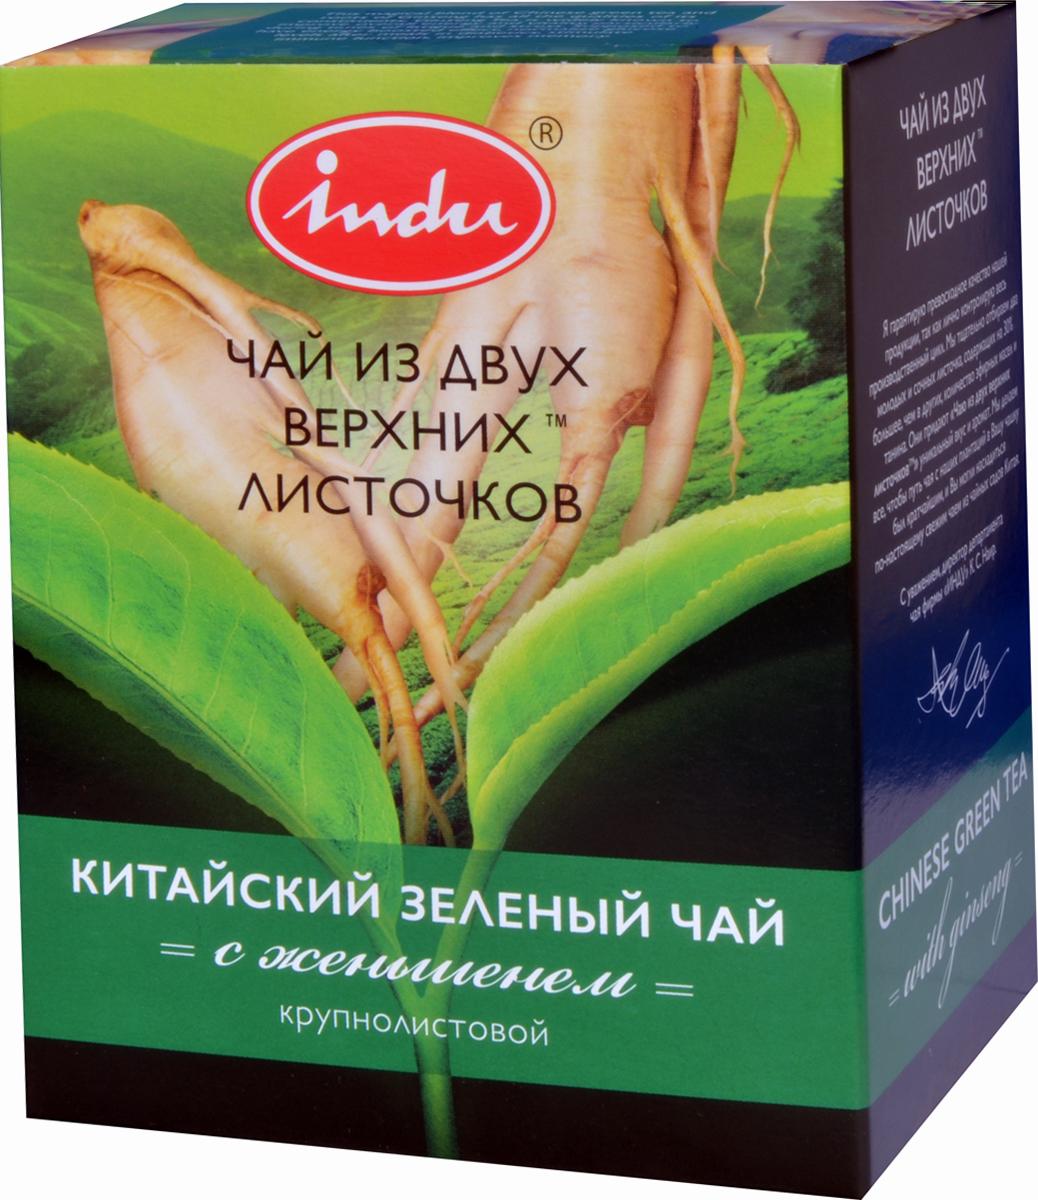 Indu Китайский зеленый листовой чай с женьшенем, 90 гTTL-GCH-191Чудодейственный китайский зеленый чай Indu с корнем женьшеня. Его настою присущи все необычайные свойства компонентов: он укрепляет иммунную систему, повышает стрессоустойчивость, стимулирует обменные процессы в организме, активизирует действие головного мозга, улучшает память и потенцию, снимает усталость, дает заряд бодрости и поднимает настроение.Всё о чае: сорта, факты, советы по выбору и употреблению. Статья OZON Гид